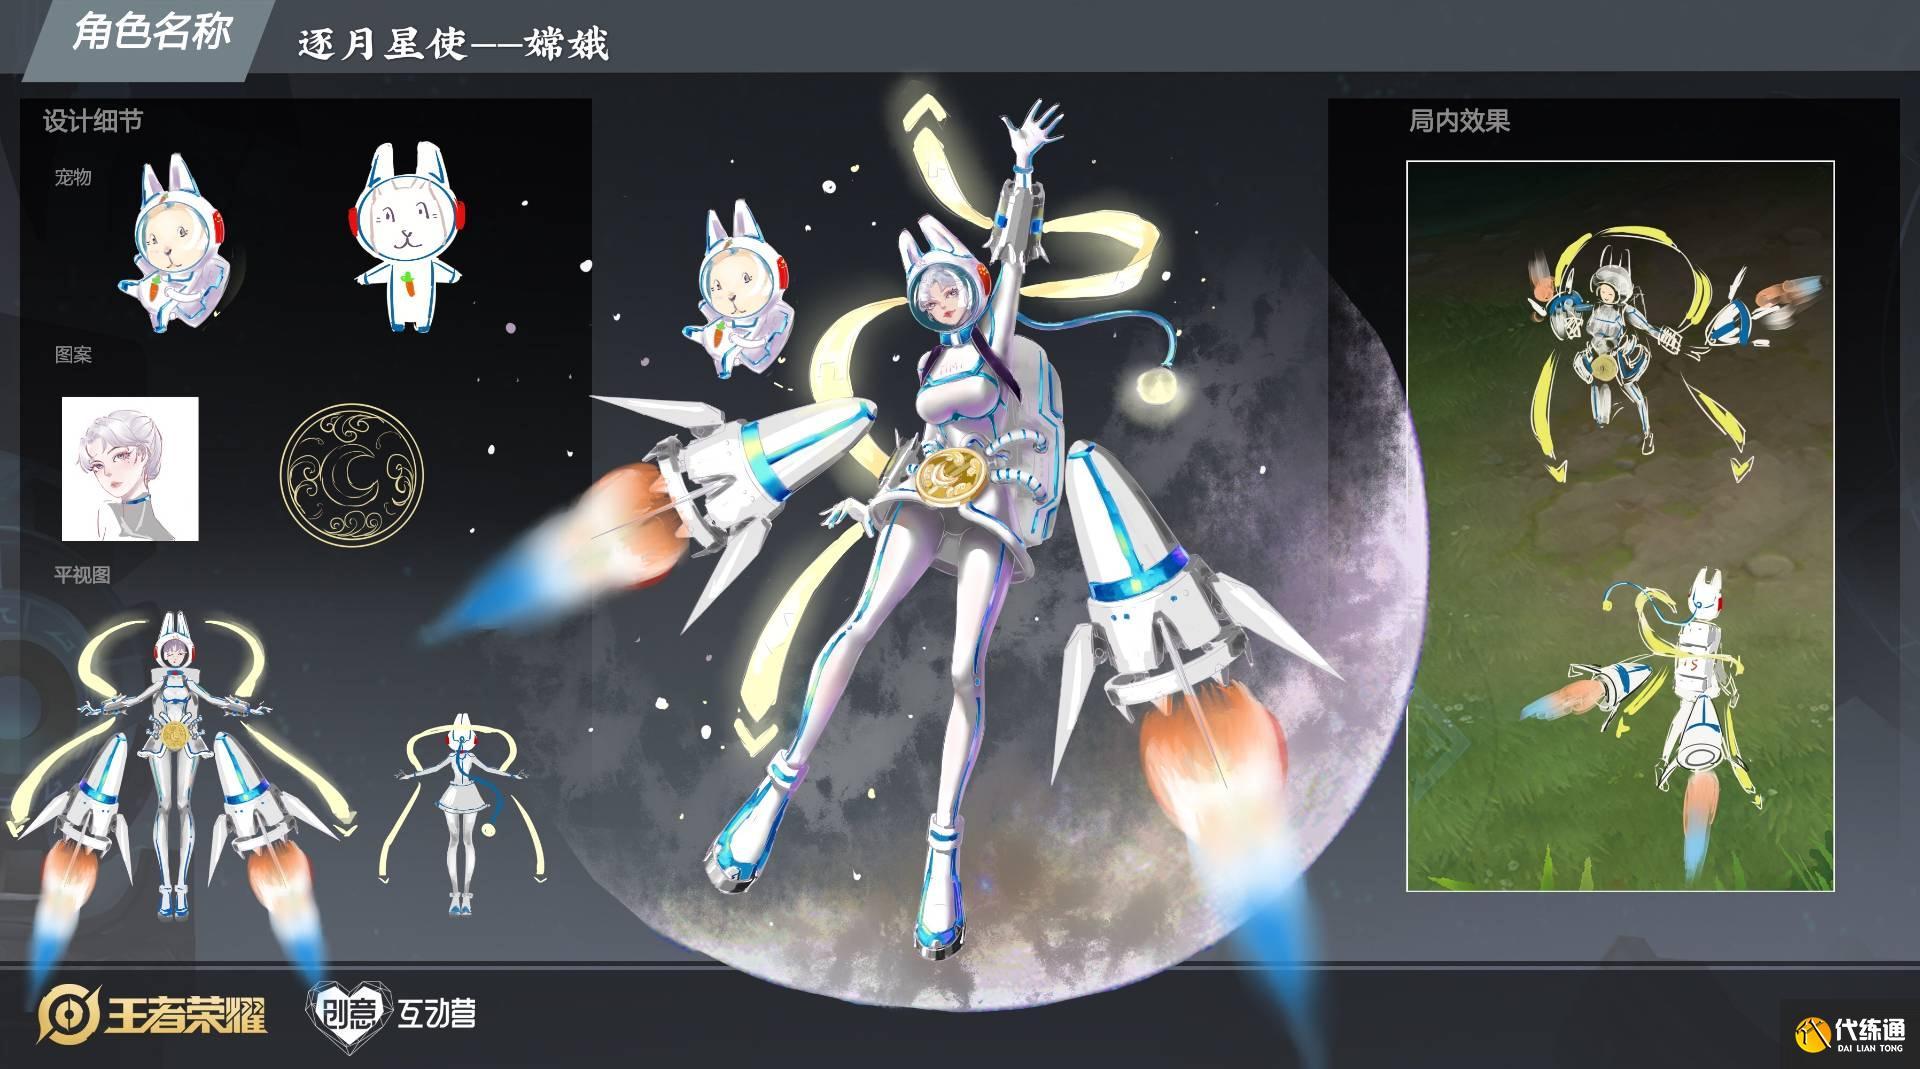 王者榮耀:嫦娥6元皮膚投票開啟,榜首遙遙領先,逐月獲第二名